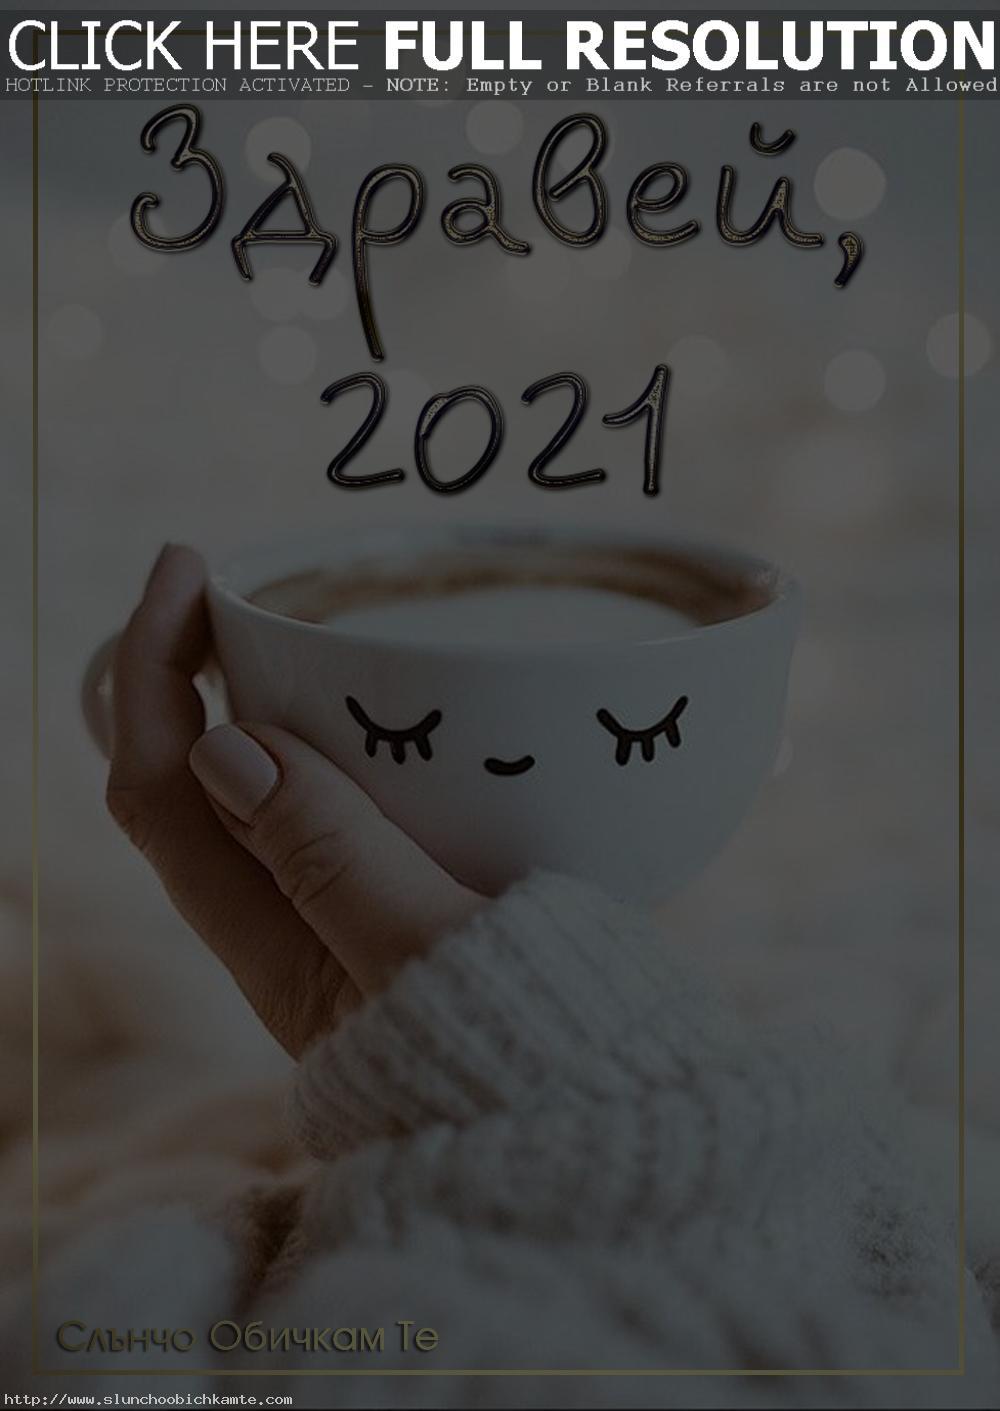 Здравей 2021, добро утро в петък, добро утро на новата година, добро утро на 1 януари, честита нова година, за много години, картички за нова година